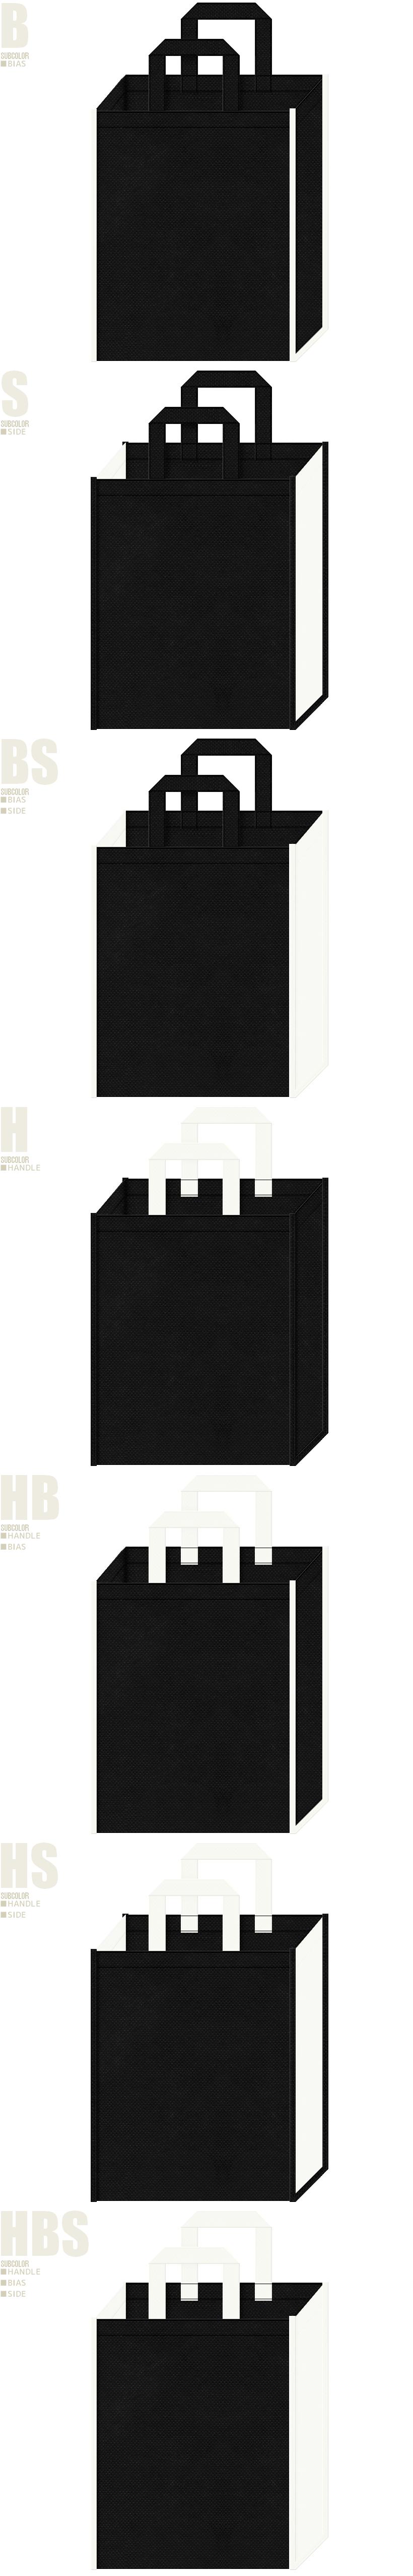 ゴスロリ・ドレス・ワンピース・コルセット・ヘアーサロン・ハロウィン・コスプレイベント・タイヤ・ホイール・カー用品の展示会用バッグにお奨めの不織布バッグデザイン:黒色とオフホワイト色の7パターン